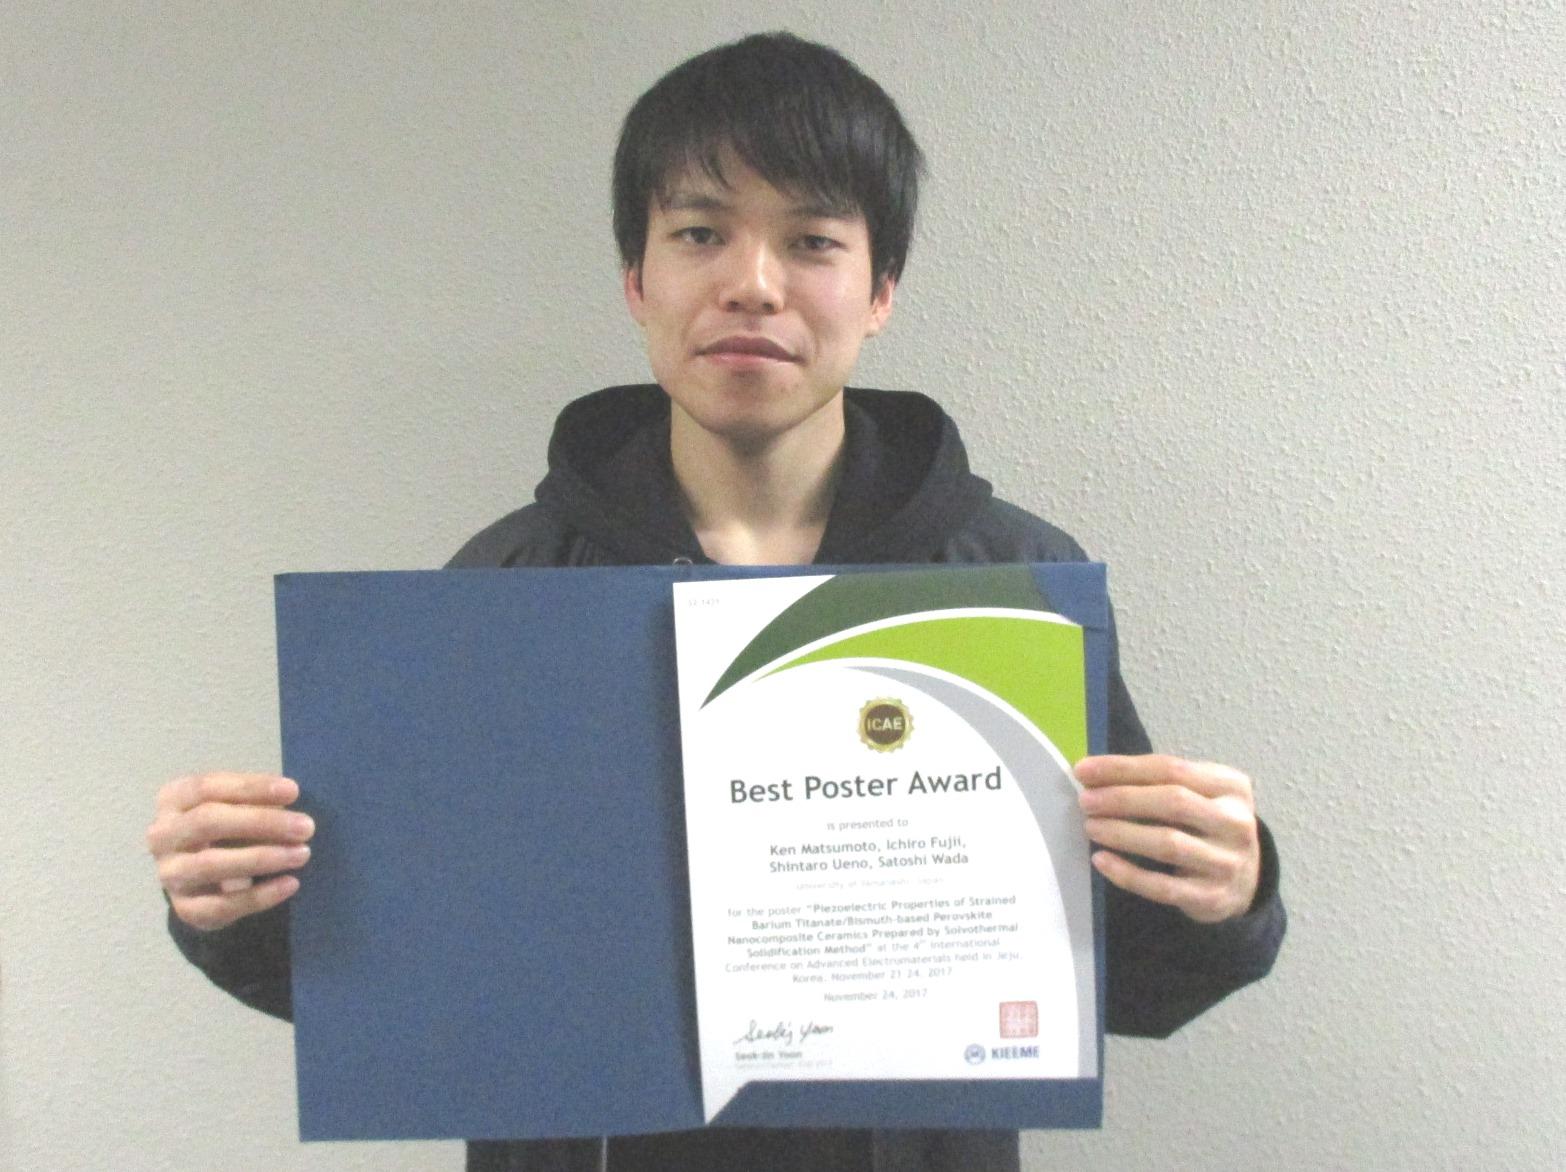 修士課程2年の松本 健さんが「ICAE 2017 Best Poster Award」を受賞